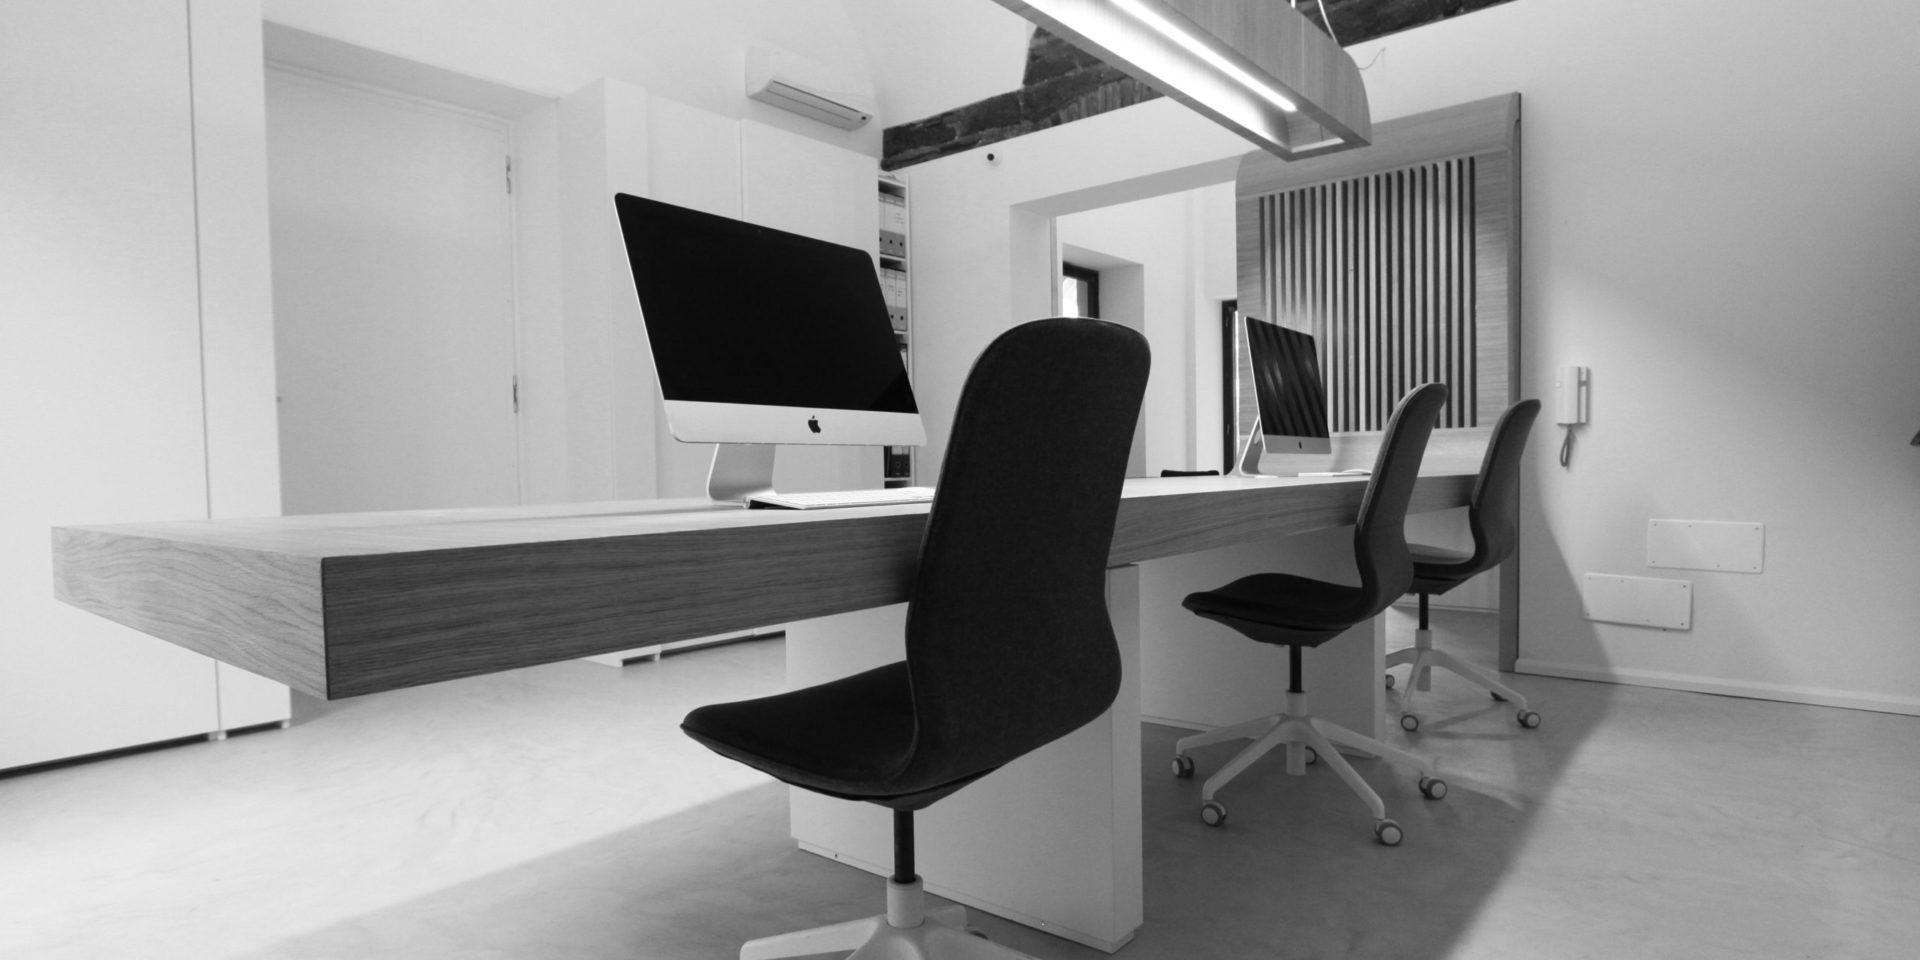 Bureau69 Office